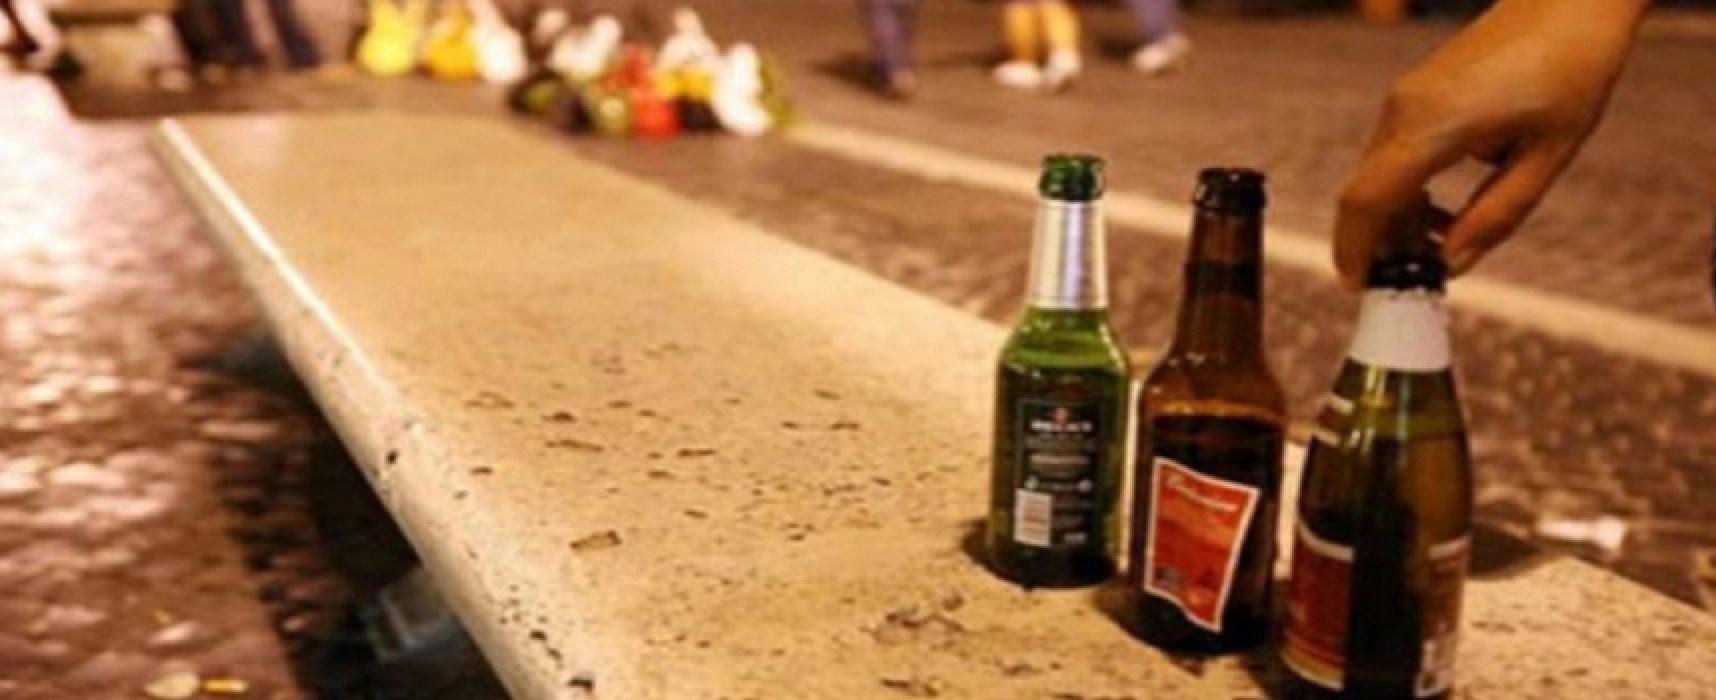 Divieto di vendita di bottiglie di vetro per asporto e sanzioni per titolari e clienti / L'ORDINANZA